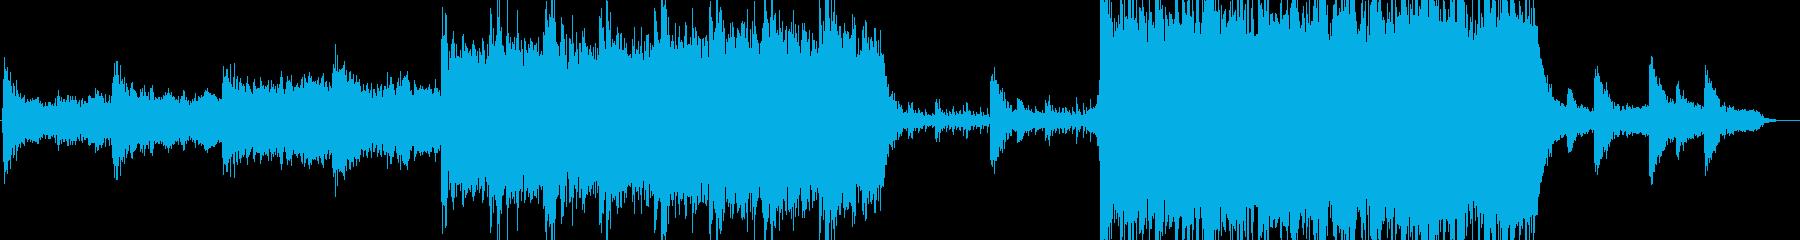 劇的 エピック トレーラーの再生済みの波形